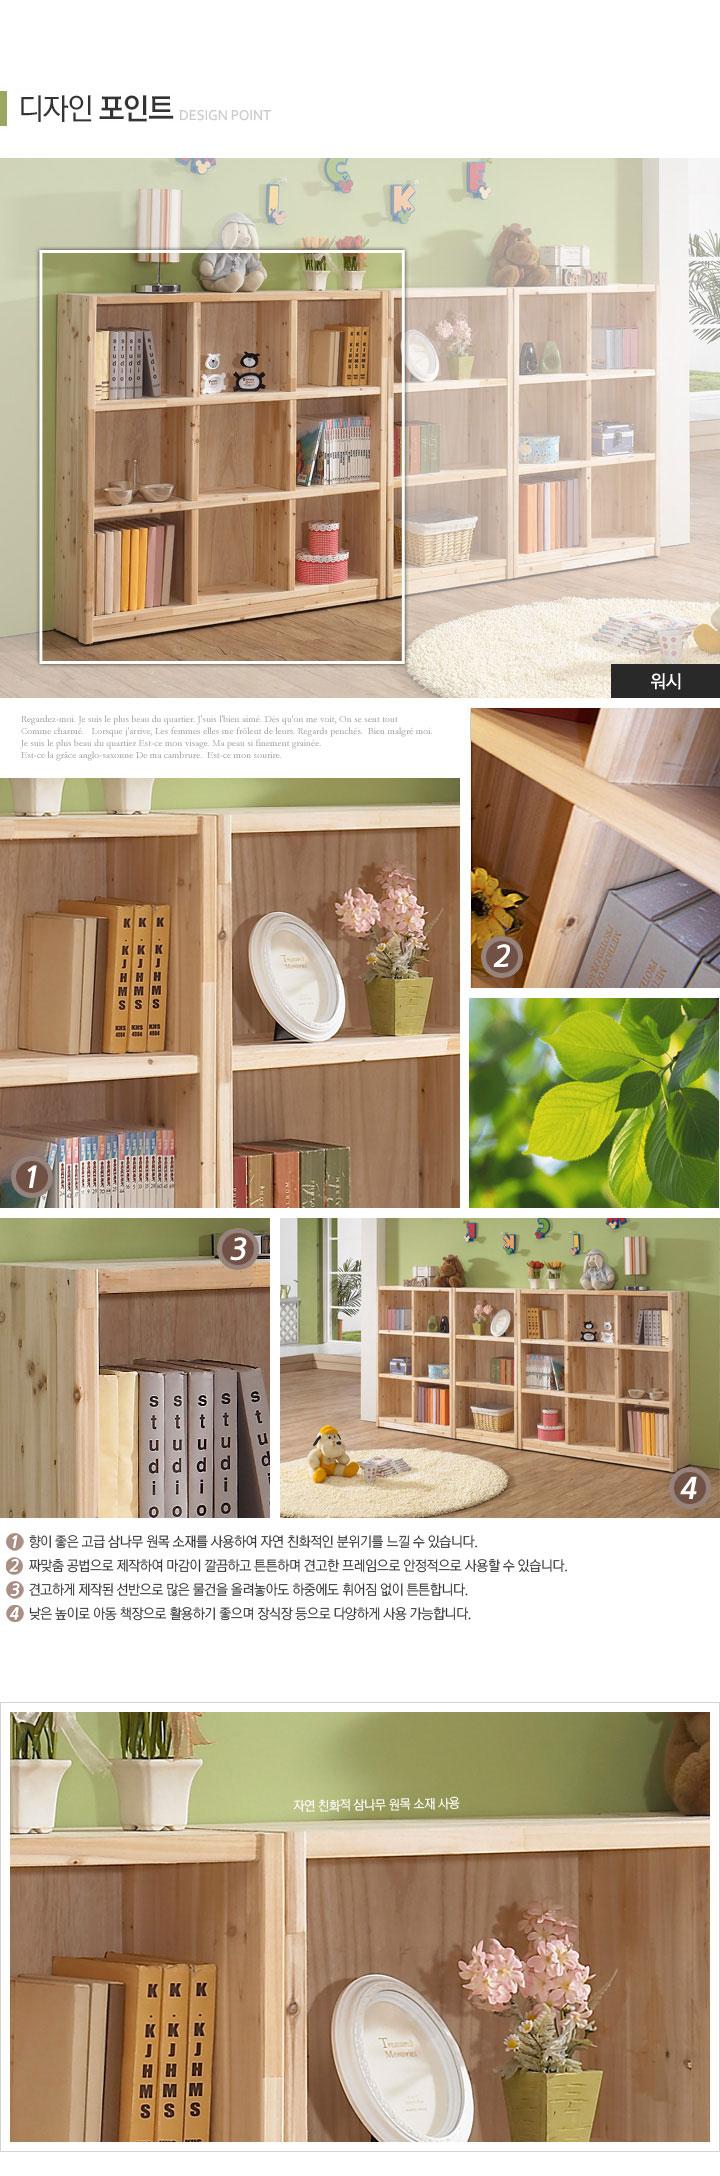 타즈로 삼나무 원목 낮은 1200 오픈 책장 - 인우드, 187,880원, 책장/서재수납, 책장